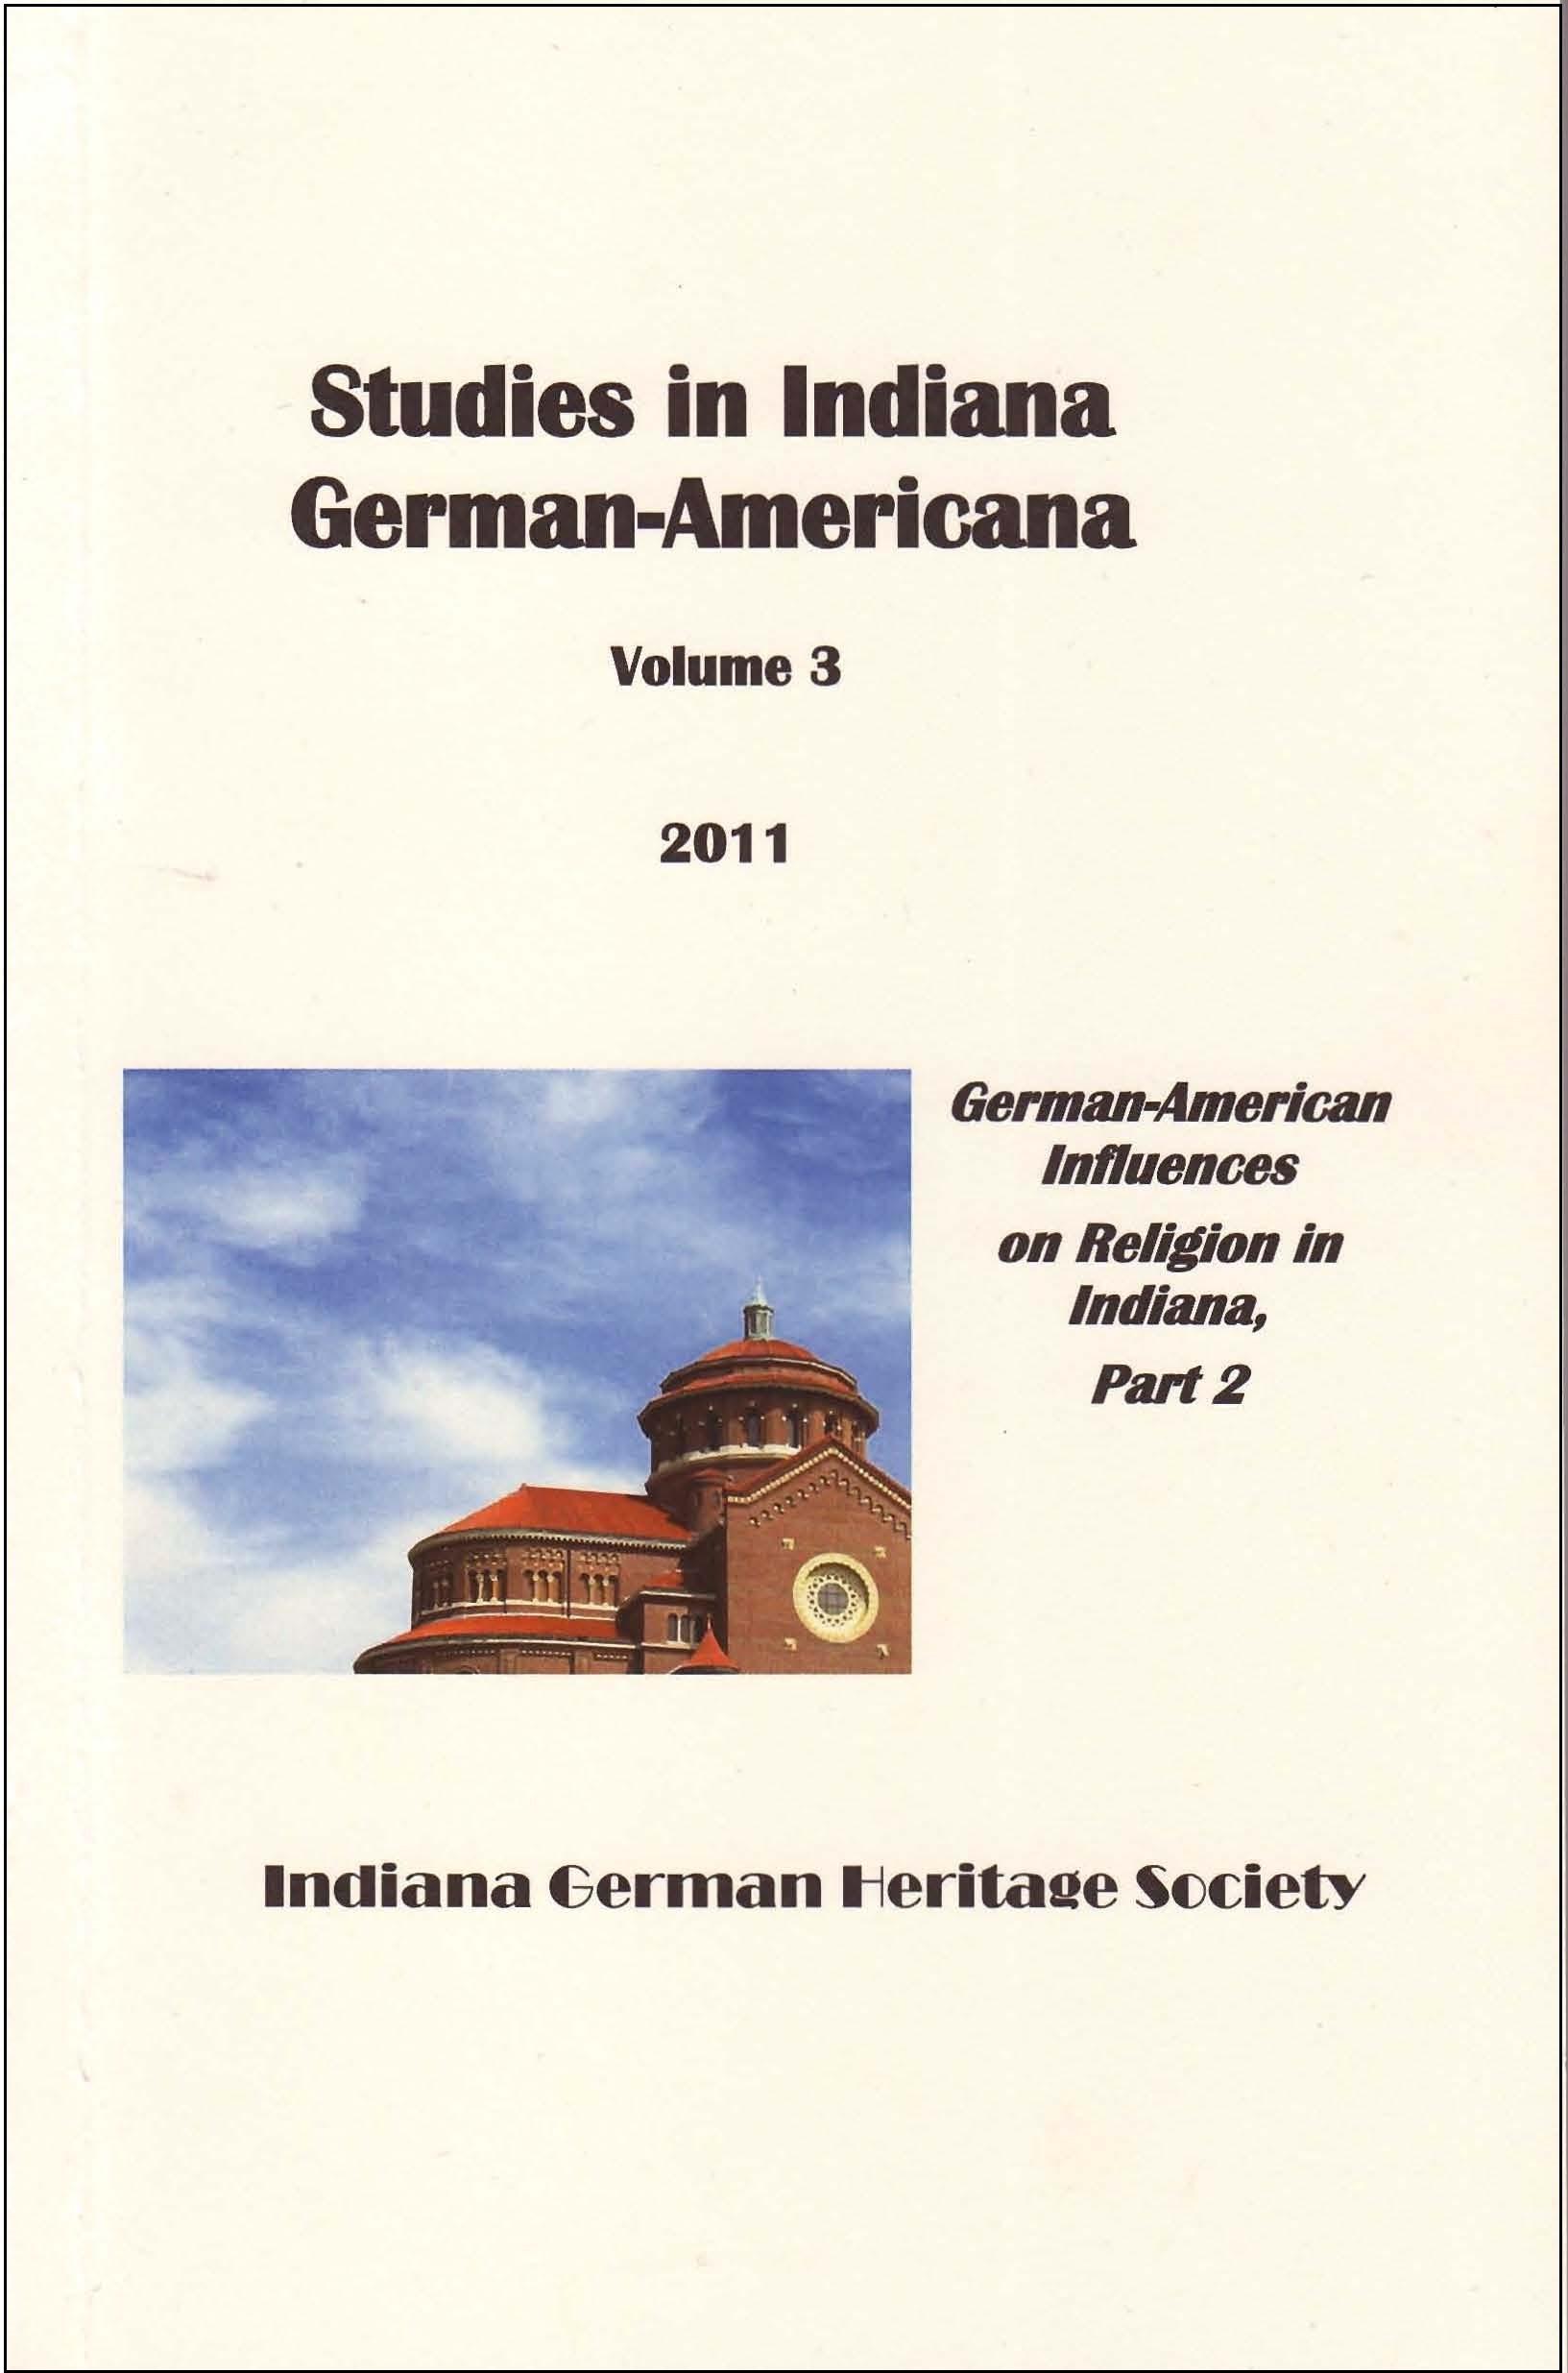 Studies in German-Americana, Vol. 3